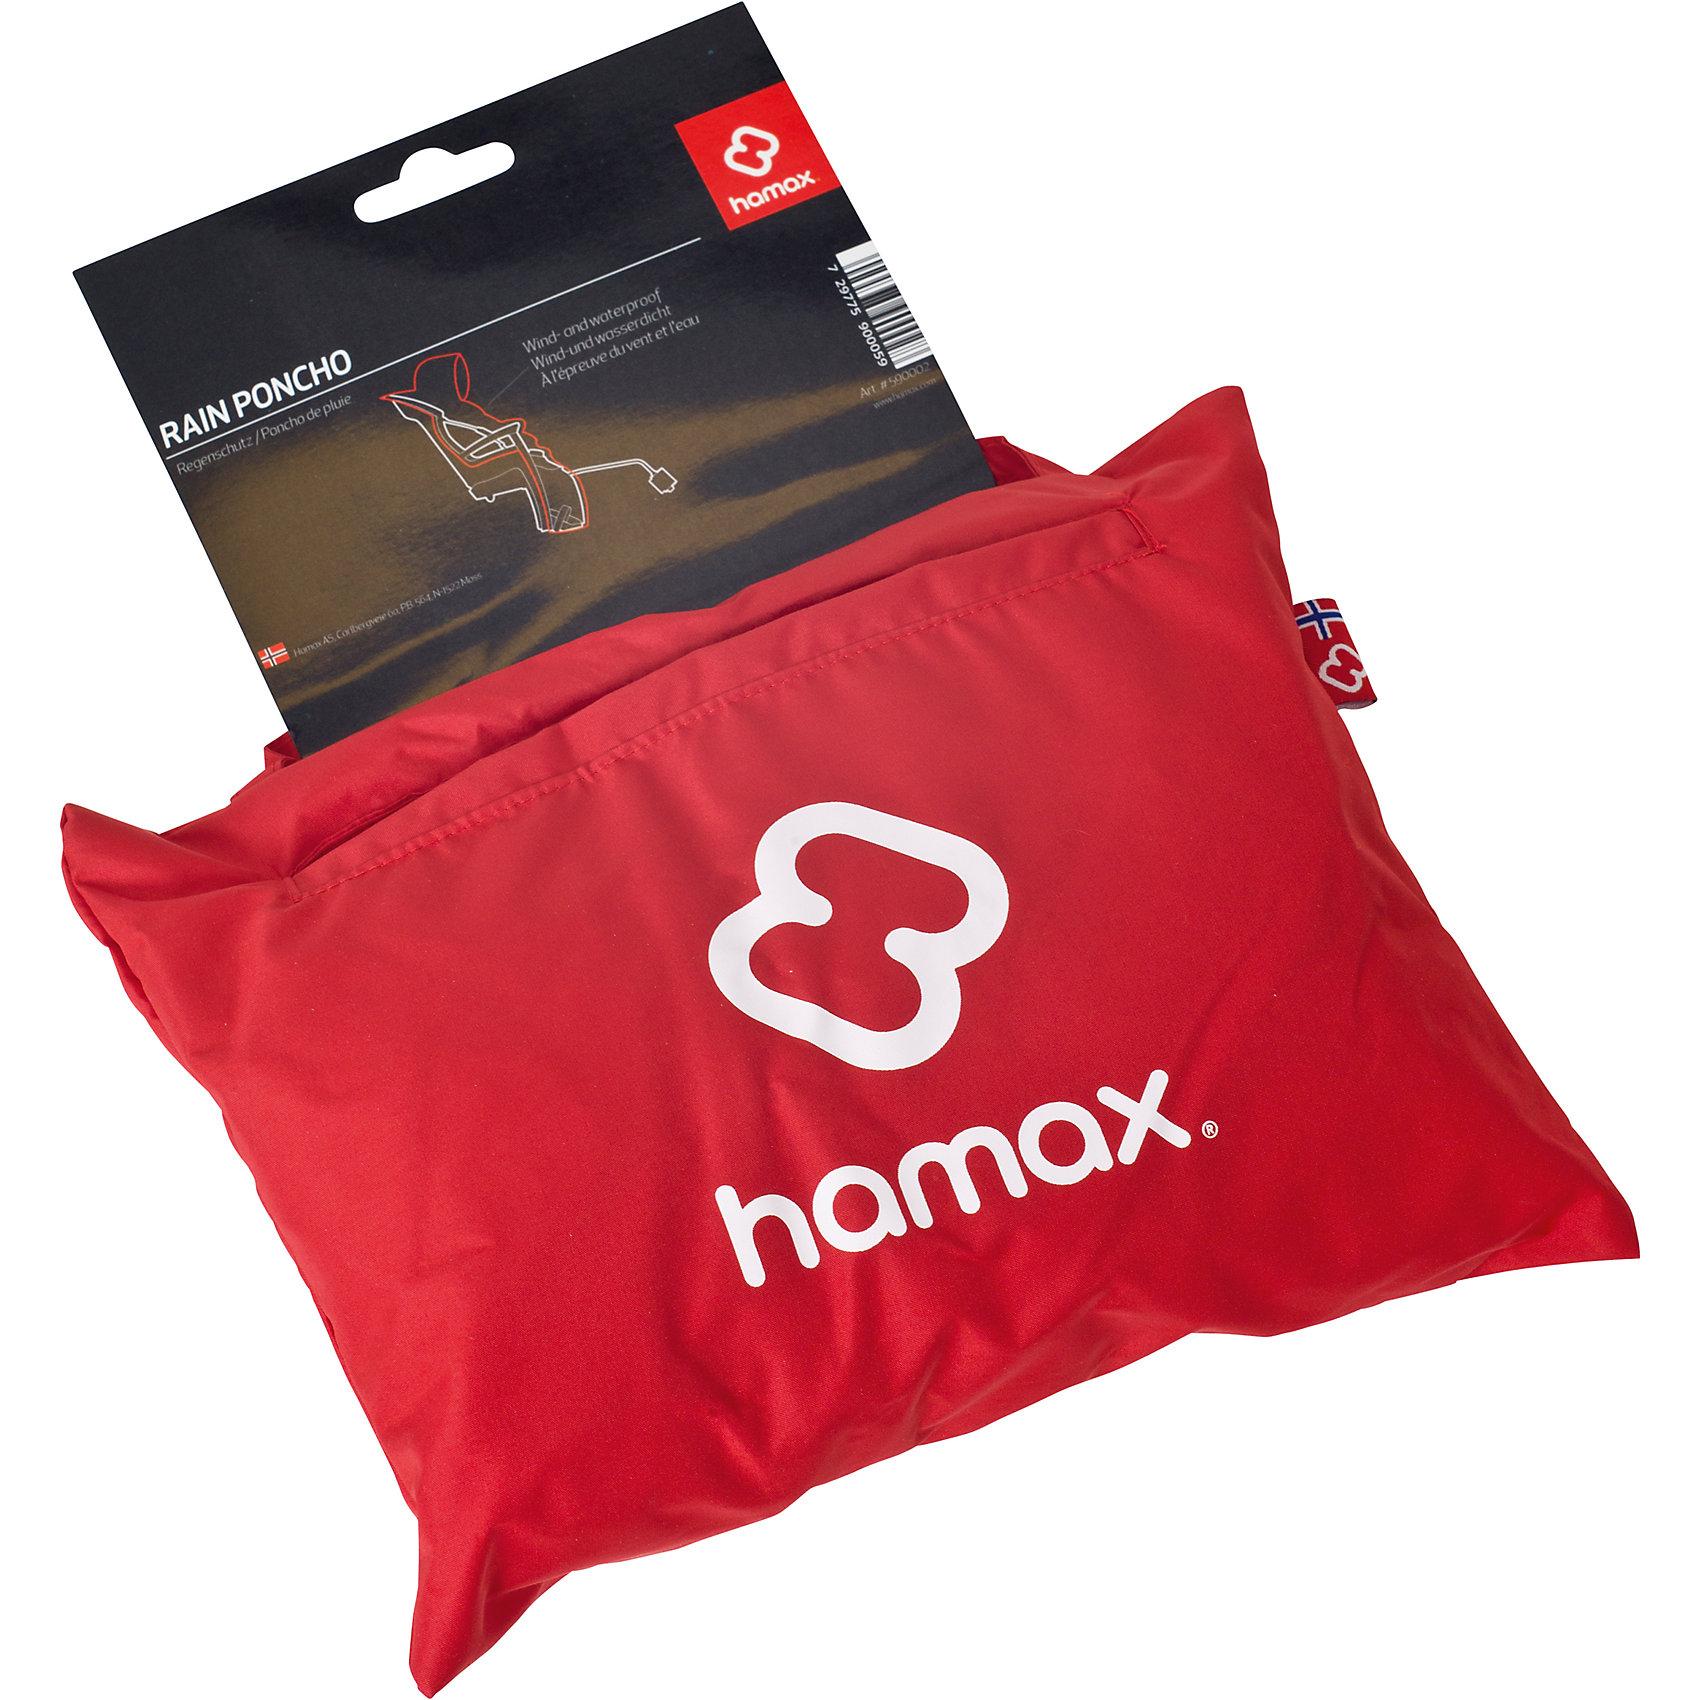 Дождевик Rain Poncho, Hamax, красныйАксеcсуары для велосипедов<br>Характеристики товара:<br><br>• цвет: красный<br>• защитит от дождя во время прогулки<br>• материал легко моется<br>• страна бренда: Польша<br>• страна производитель: Китай<br><br>Дождевик Rain Poncho, Hamax, красный можно купить в нашем интернет-магазине.<br><br>Ширина мм: 270<br>Глубина мм: 50<br>Высота мм: 210<br>Вес г: 233<br>Возраст от месяцев: 9<br>Возраст до месяцев: 48<br>Пол: Унисекс<br>Возраст: Детский<br>SKU: 5582626